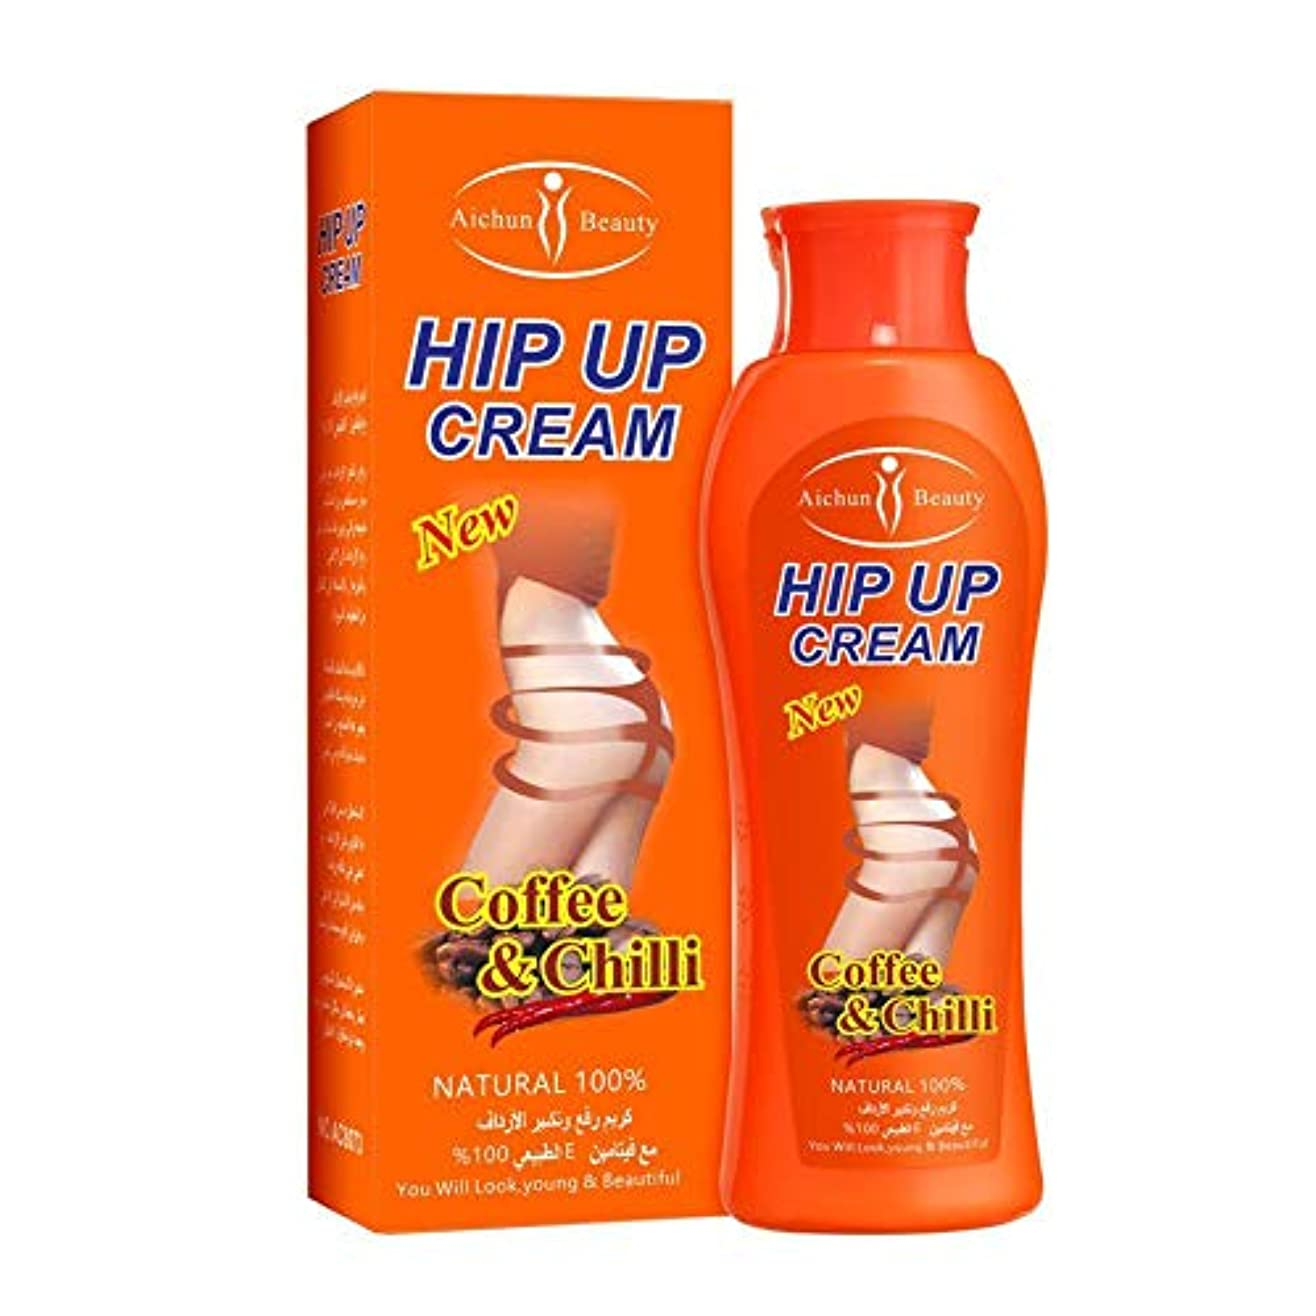 常識ハンカチサークルBETTER YOU (ベター ュー) 豊富なお尻、シェーピング、美白、保湿、肌の栄養補給